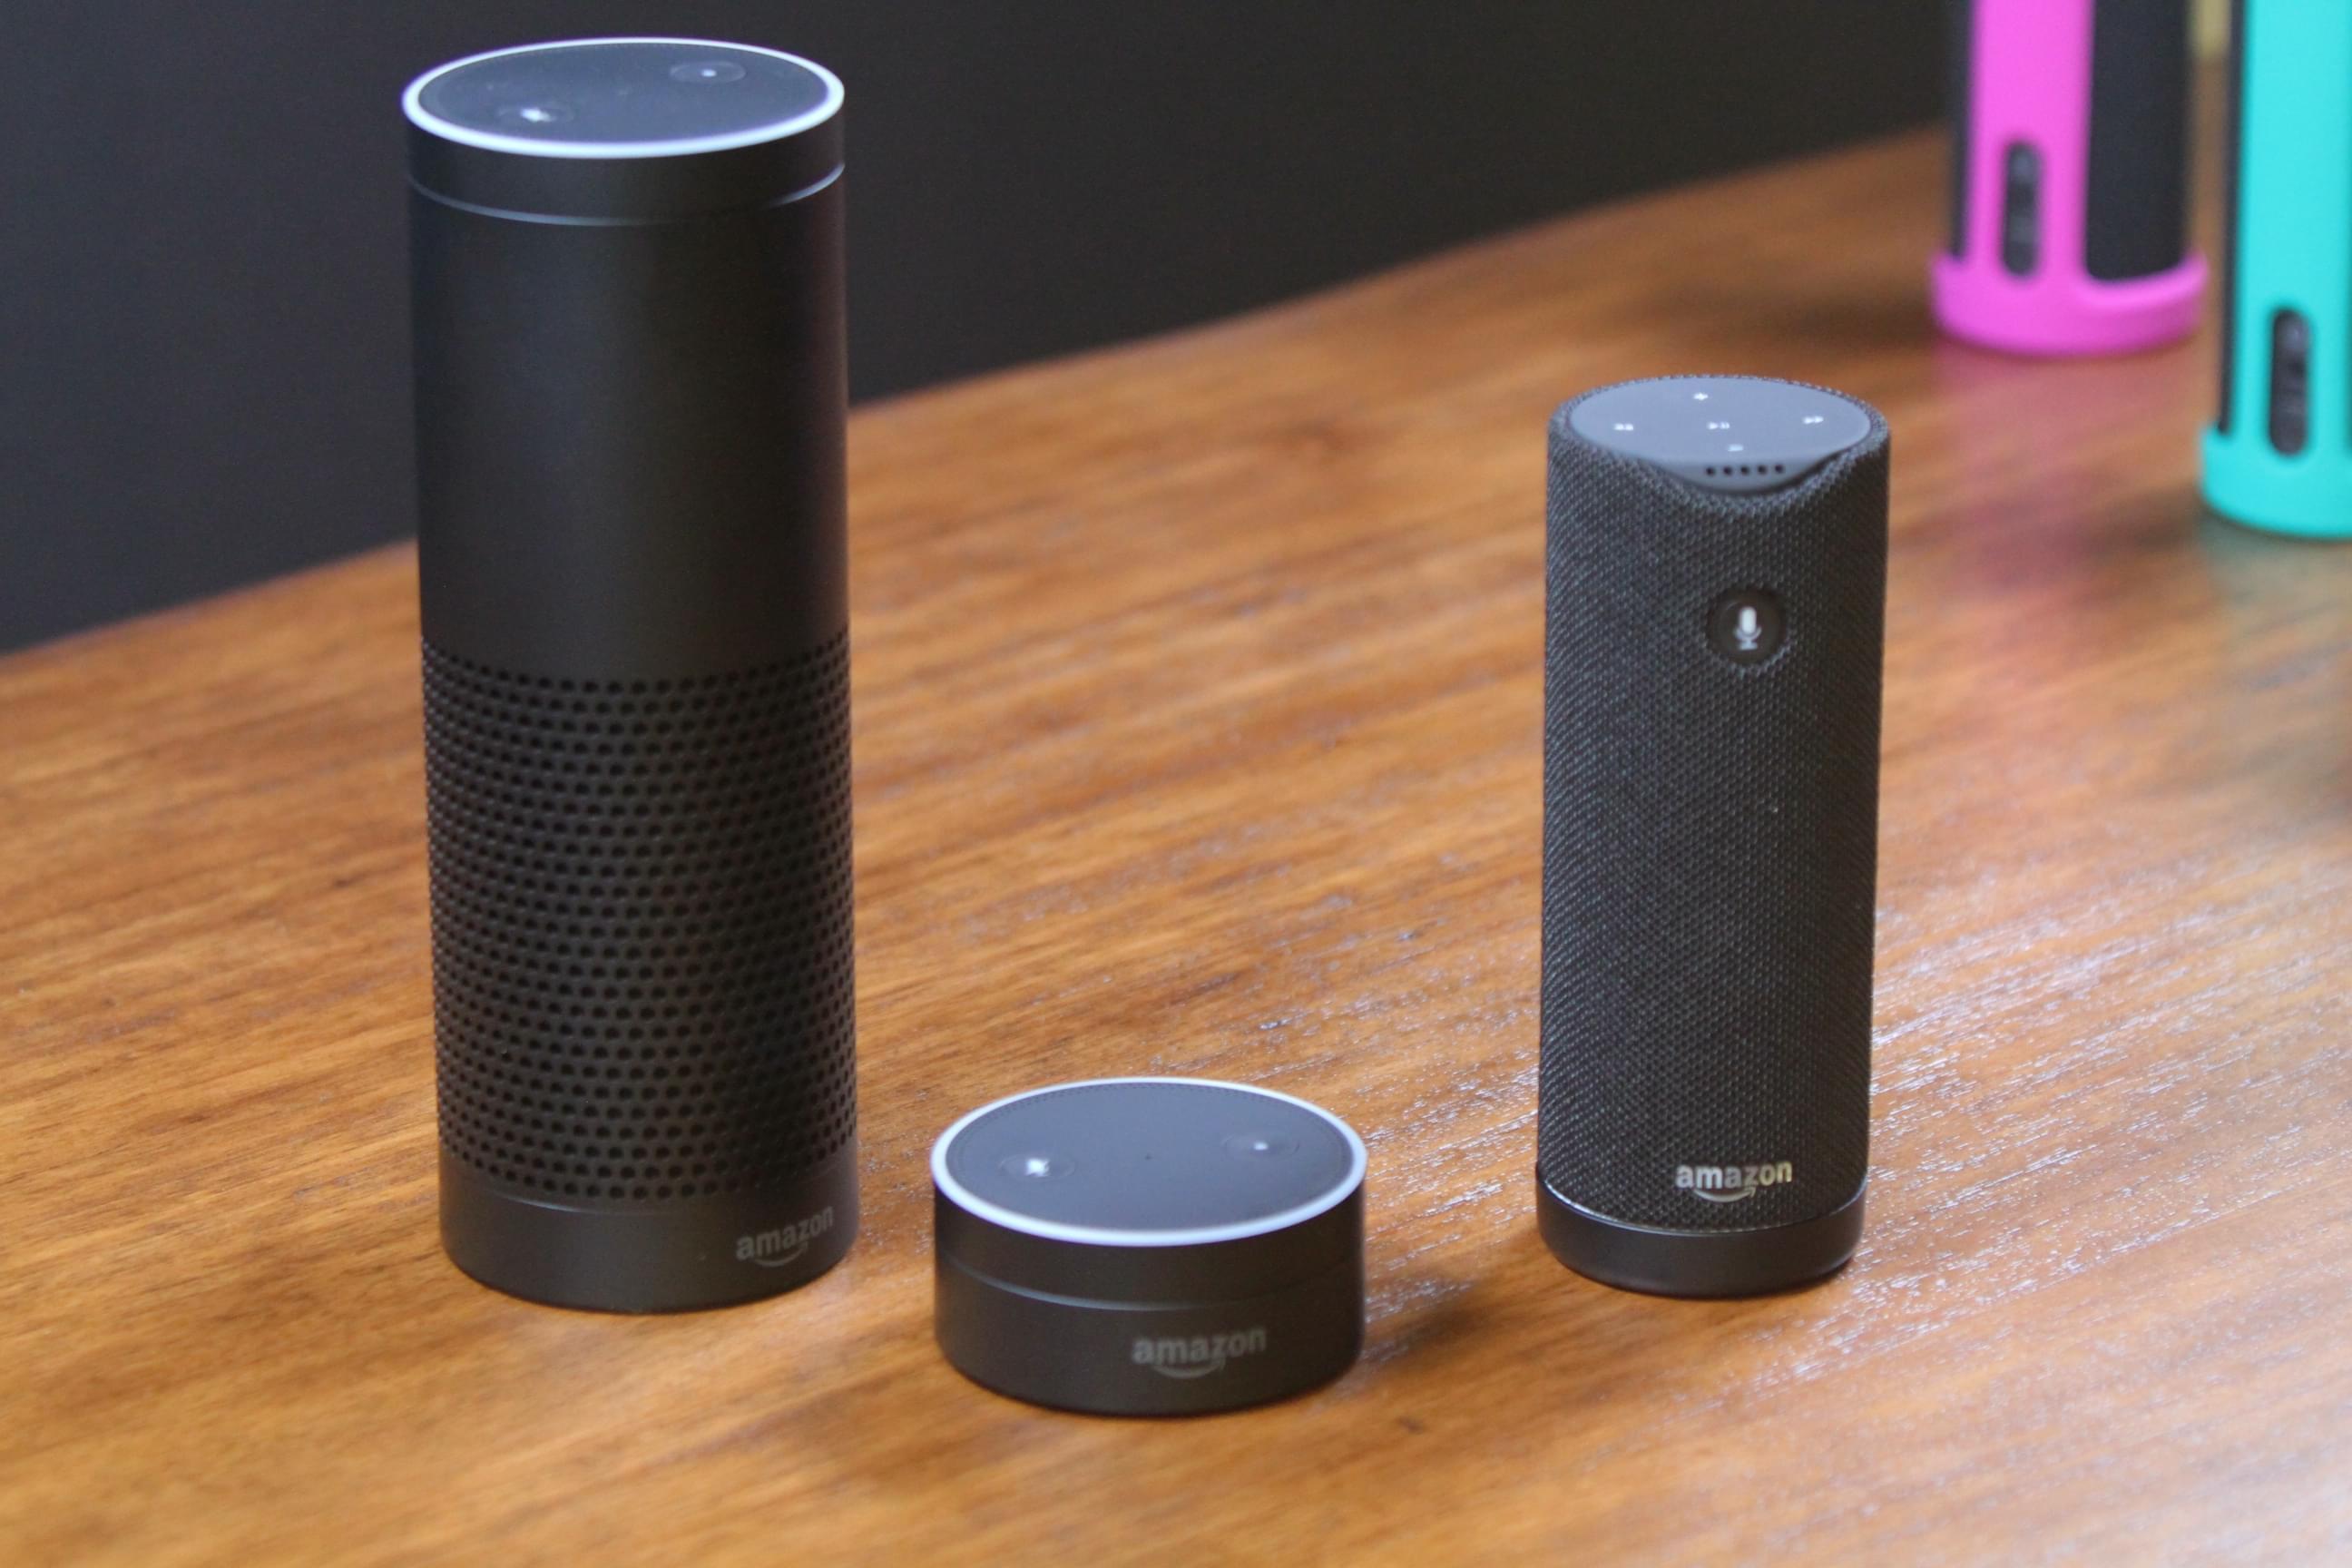 语音助手Alexa还不够,亚马逊是时候再做手机了